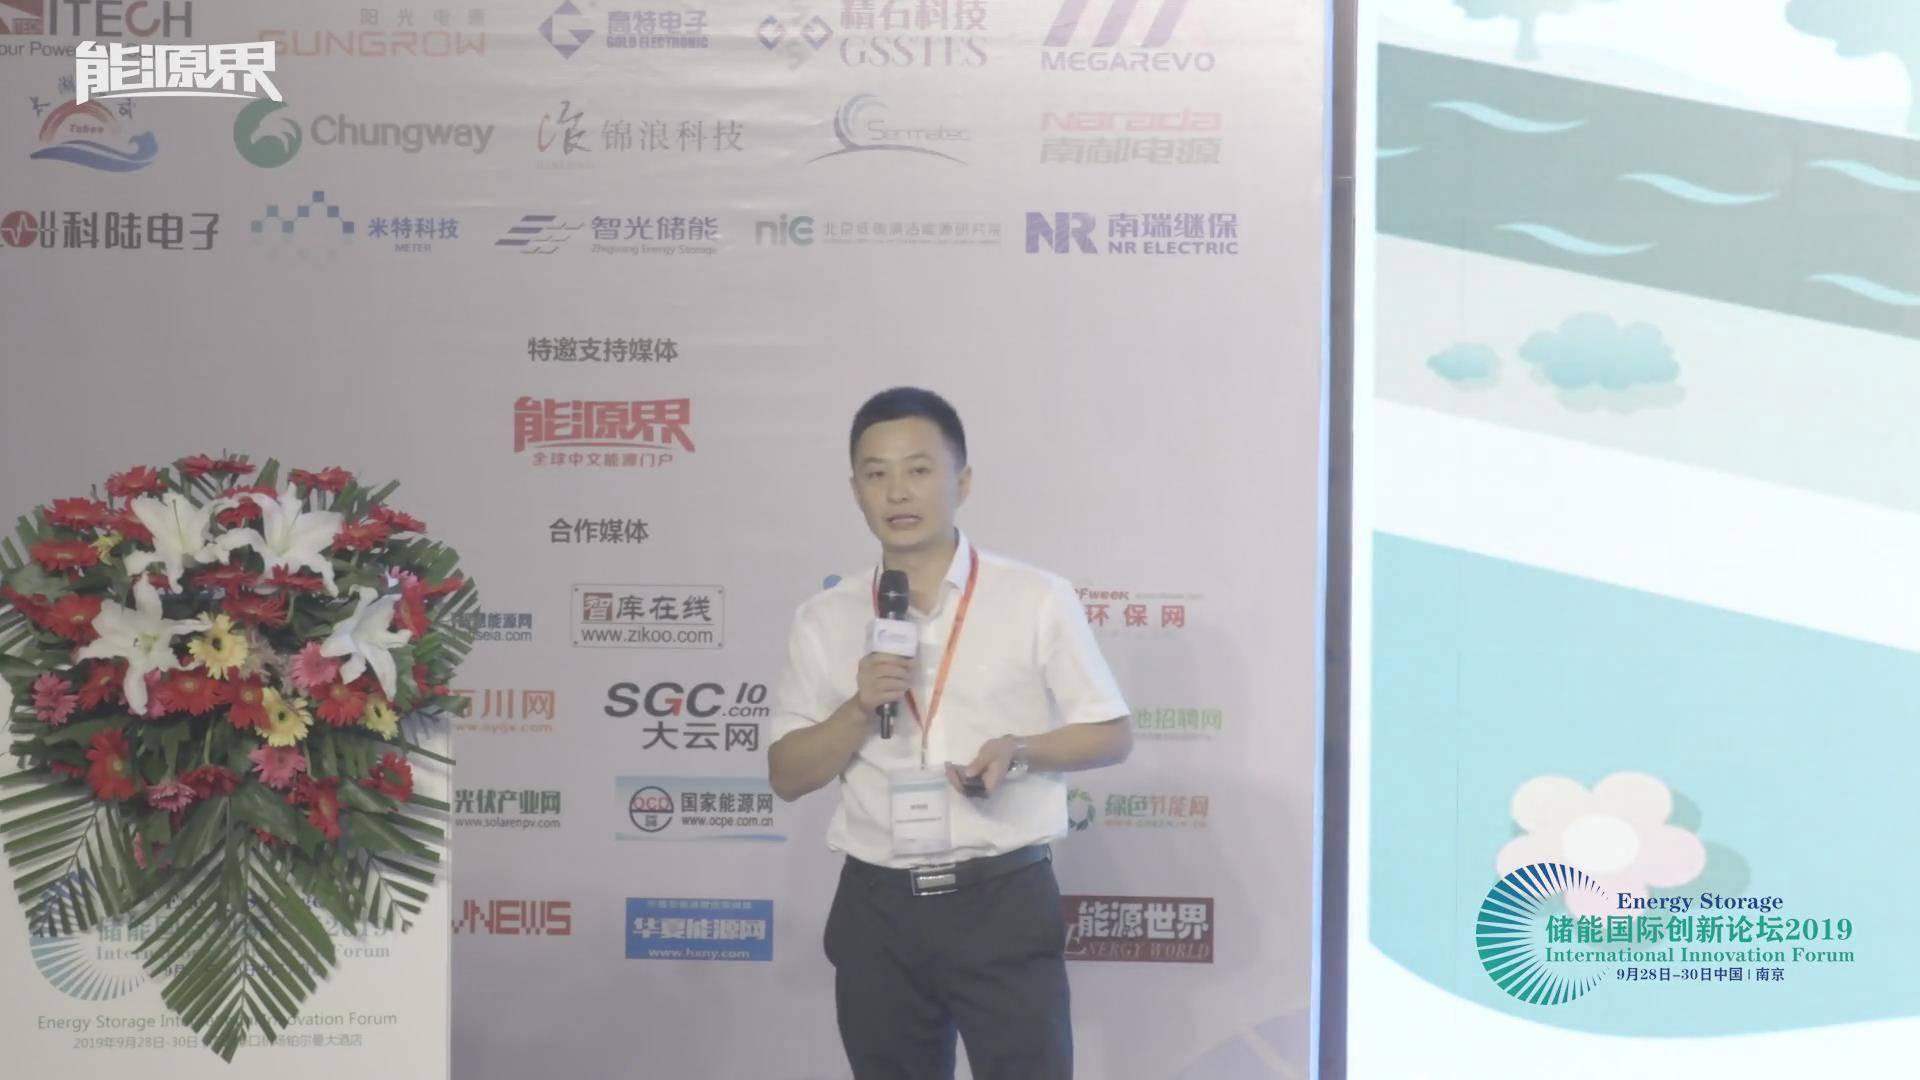 李明明:電化學儲能站消防安全技術要求及創新研究